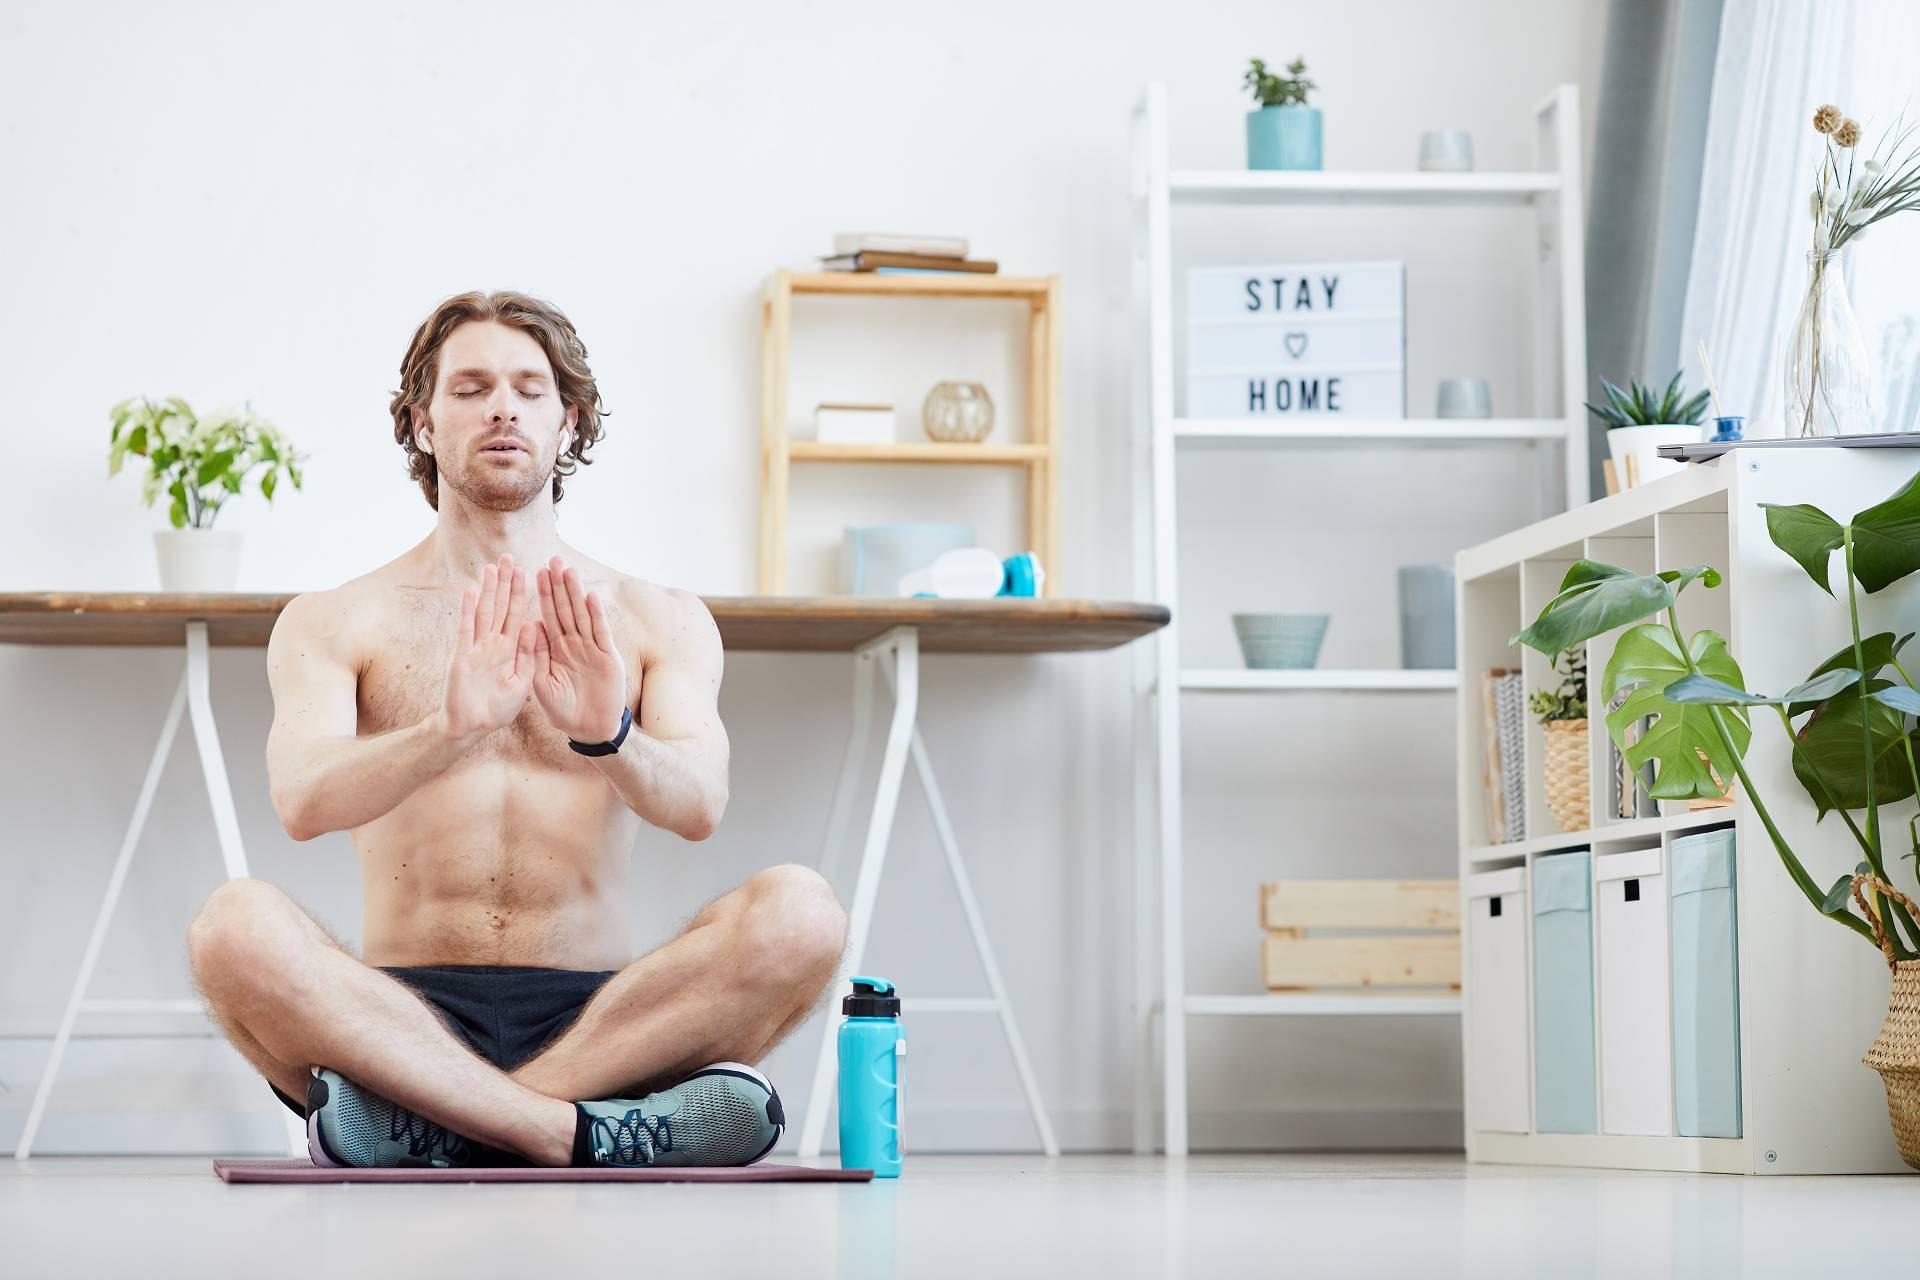 Baue Stress ab & booste Wohlbefinden sowie Erholung: 3 effektive Entspannungstechniken für den Alltag